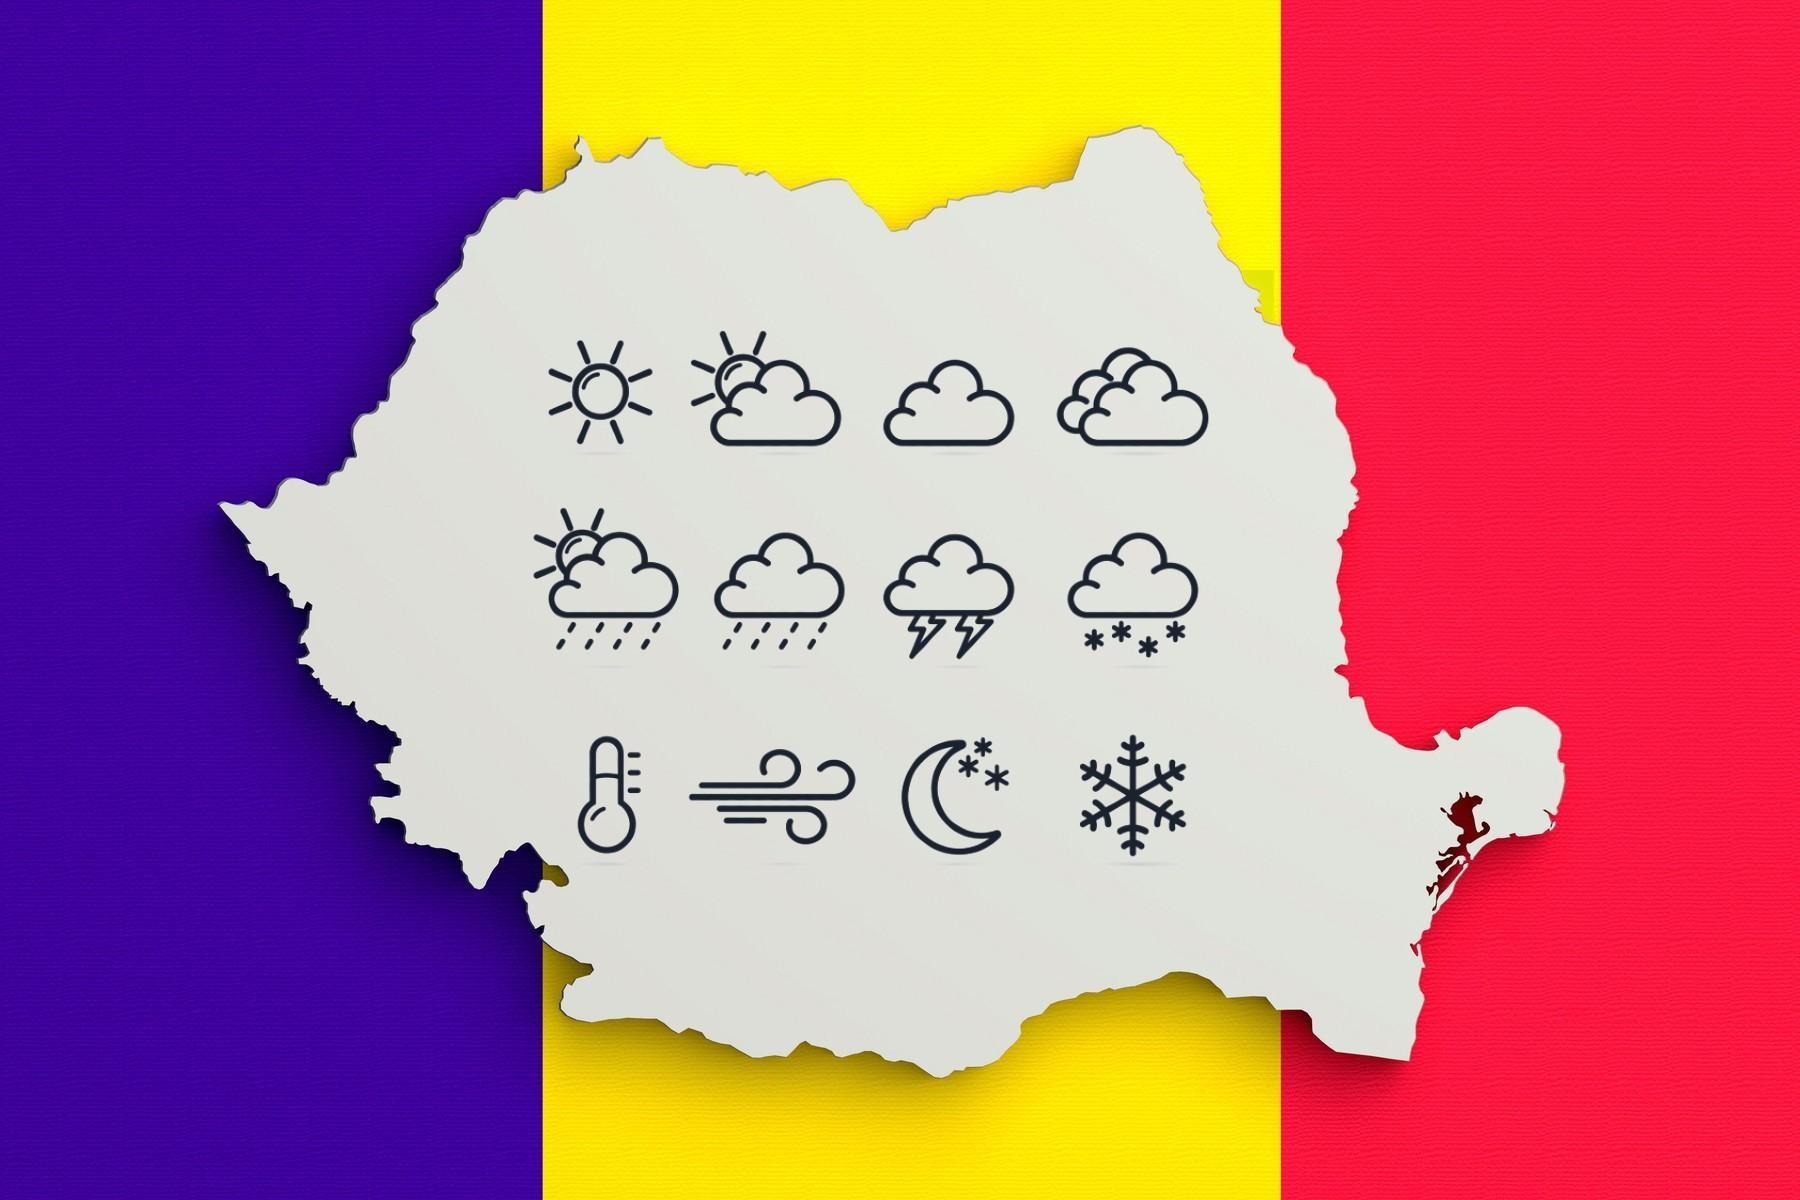 Prognoza Meteo, 2 august 2021. Cum va fi vremea în România și care sunt previziunile ANM pentru astăzi